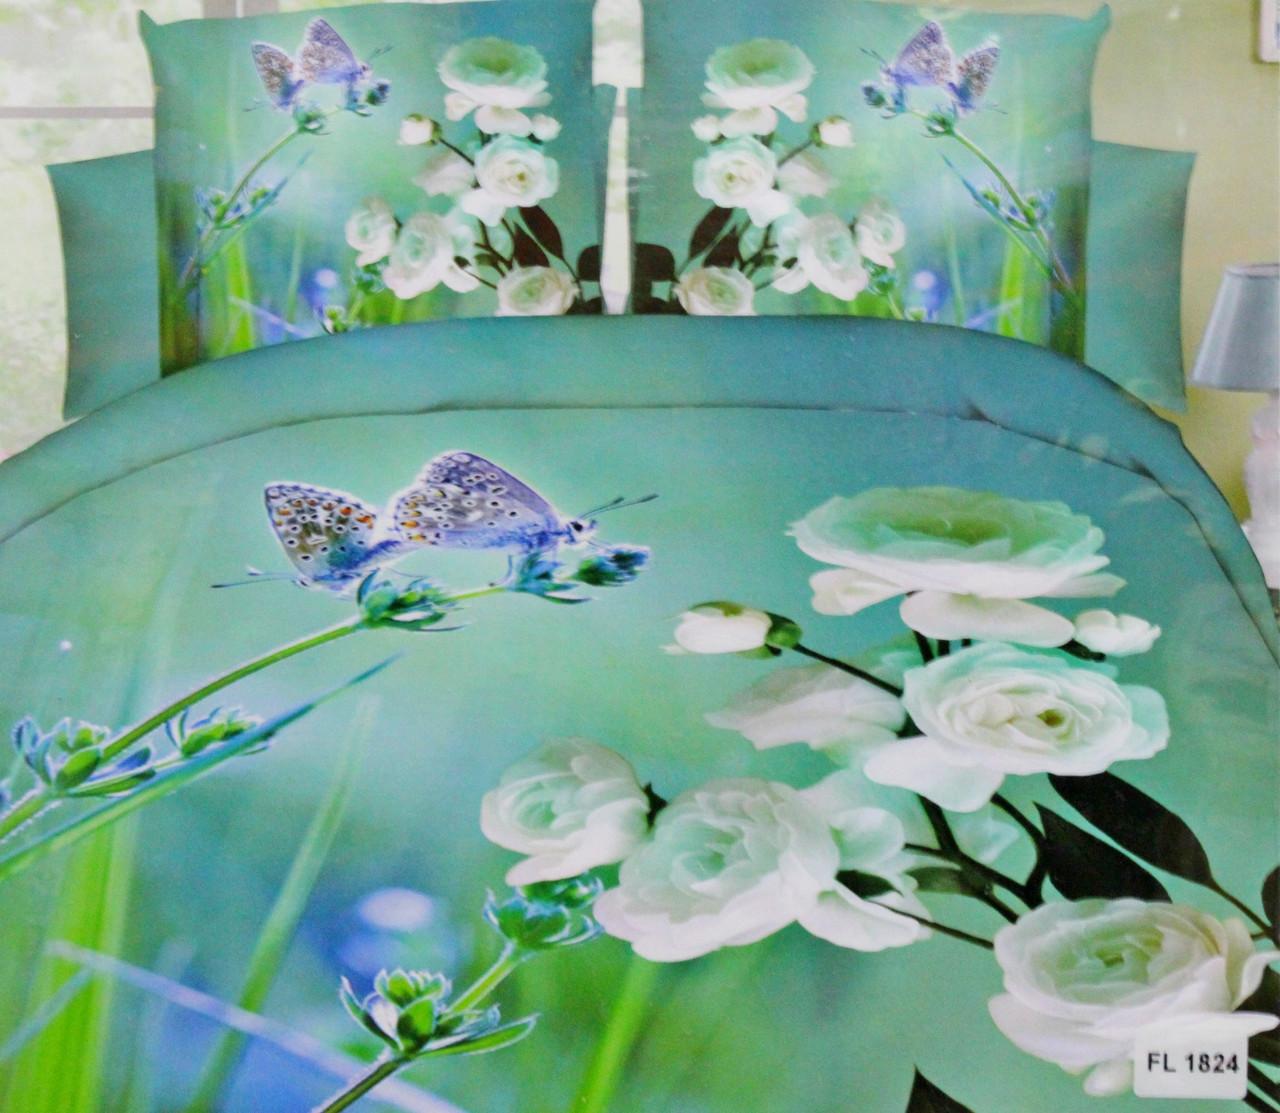 Комплект постельного белья микрофибра Florida 5D Sateen 200х220  FL 1824